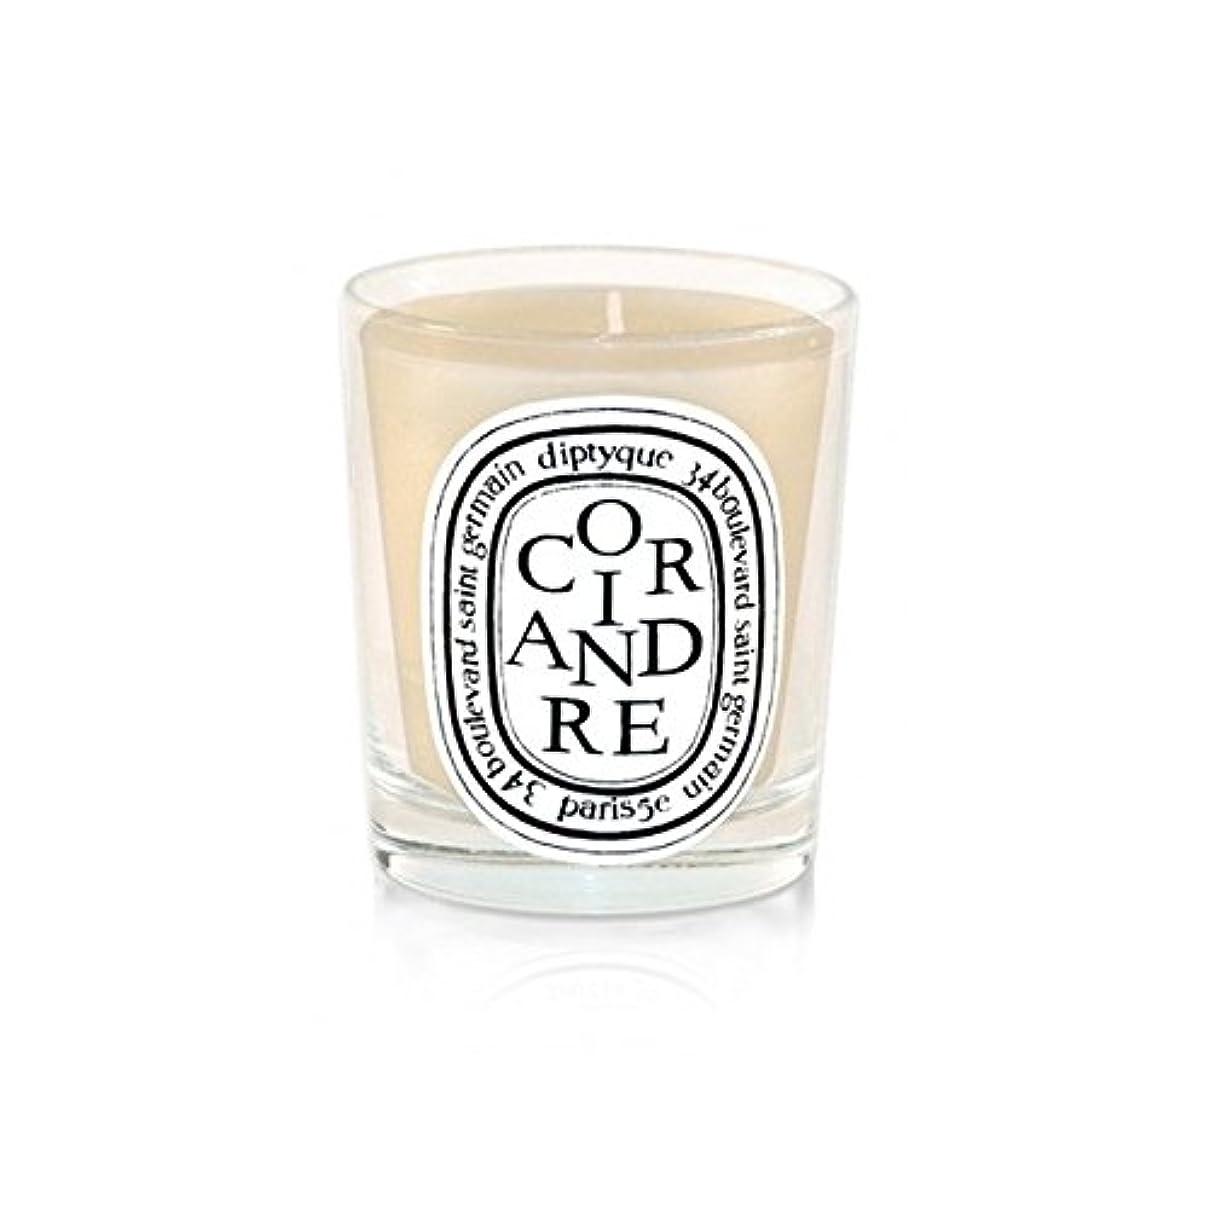 内部名誉純粋にDiptyqueキャンドルCoriandre /コリアンダー190グラム - Diptyque Candle Coriandre / Coriander 190g (Diptyque) [並行輸入品]